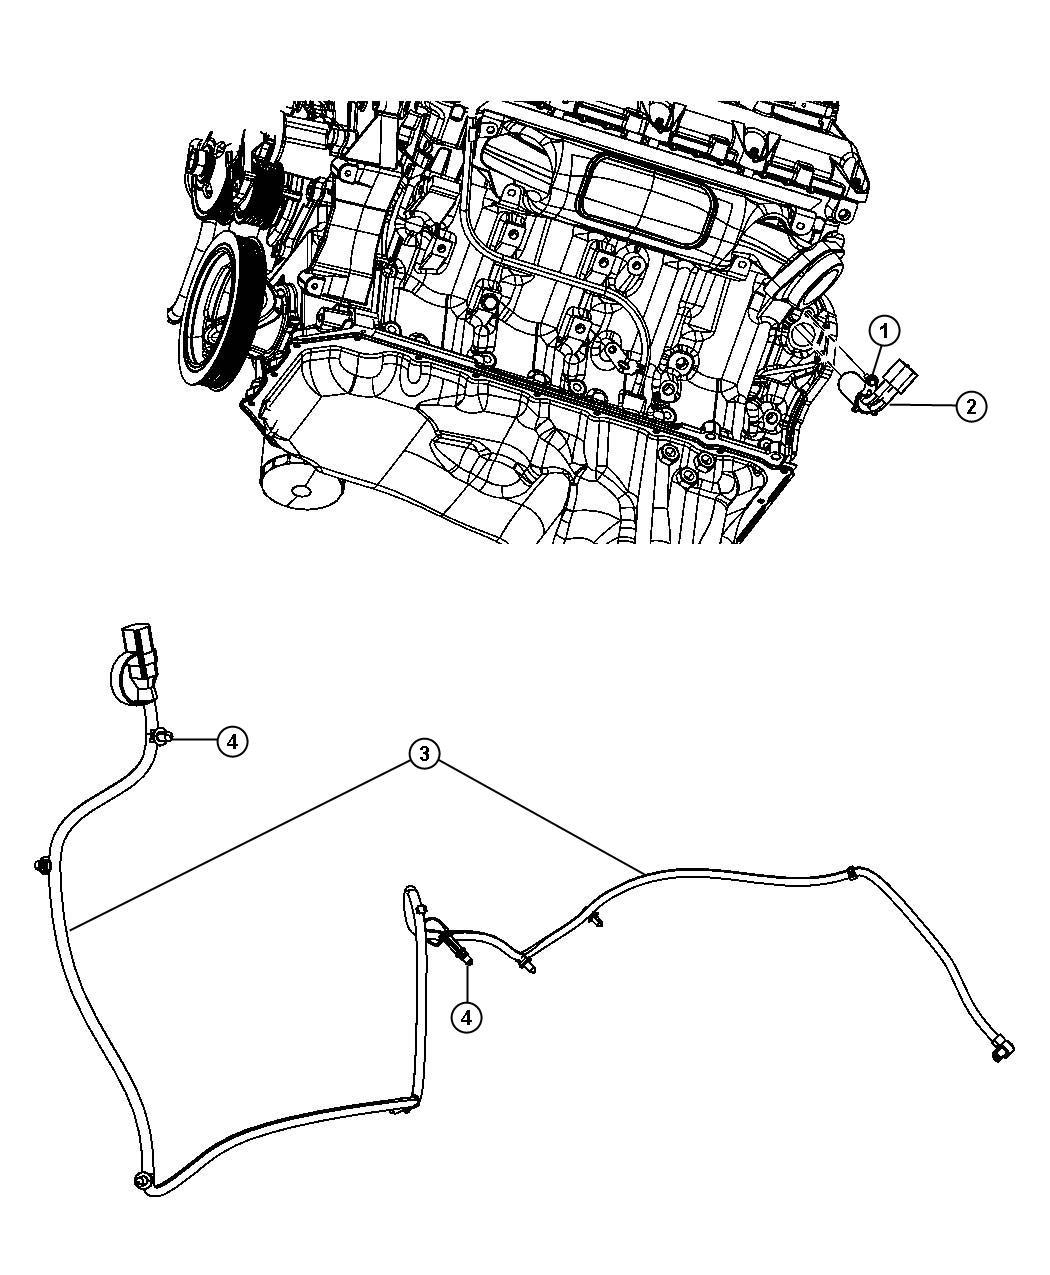 Dodge Ram Engine Cylinder Block Heater 5 7l Ezh